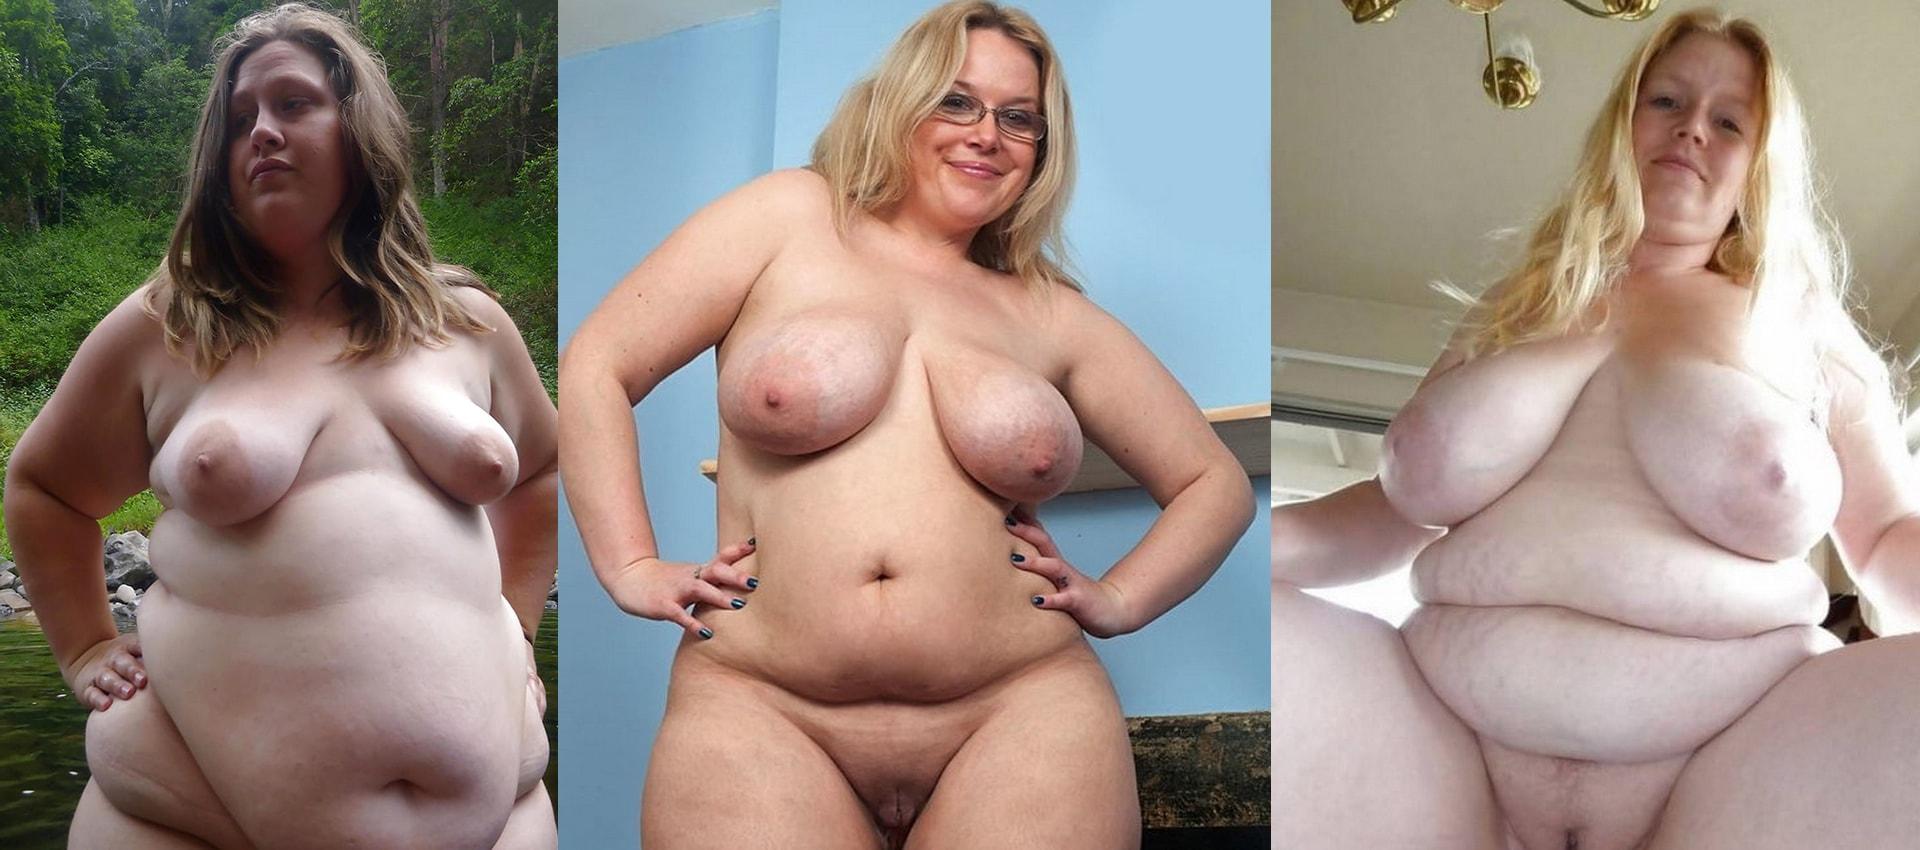 Nackt vollschlanke frauen reifen frau